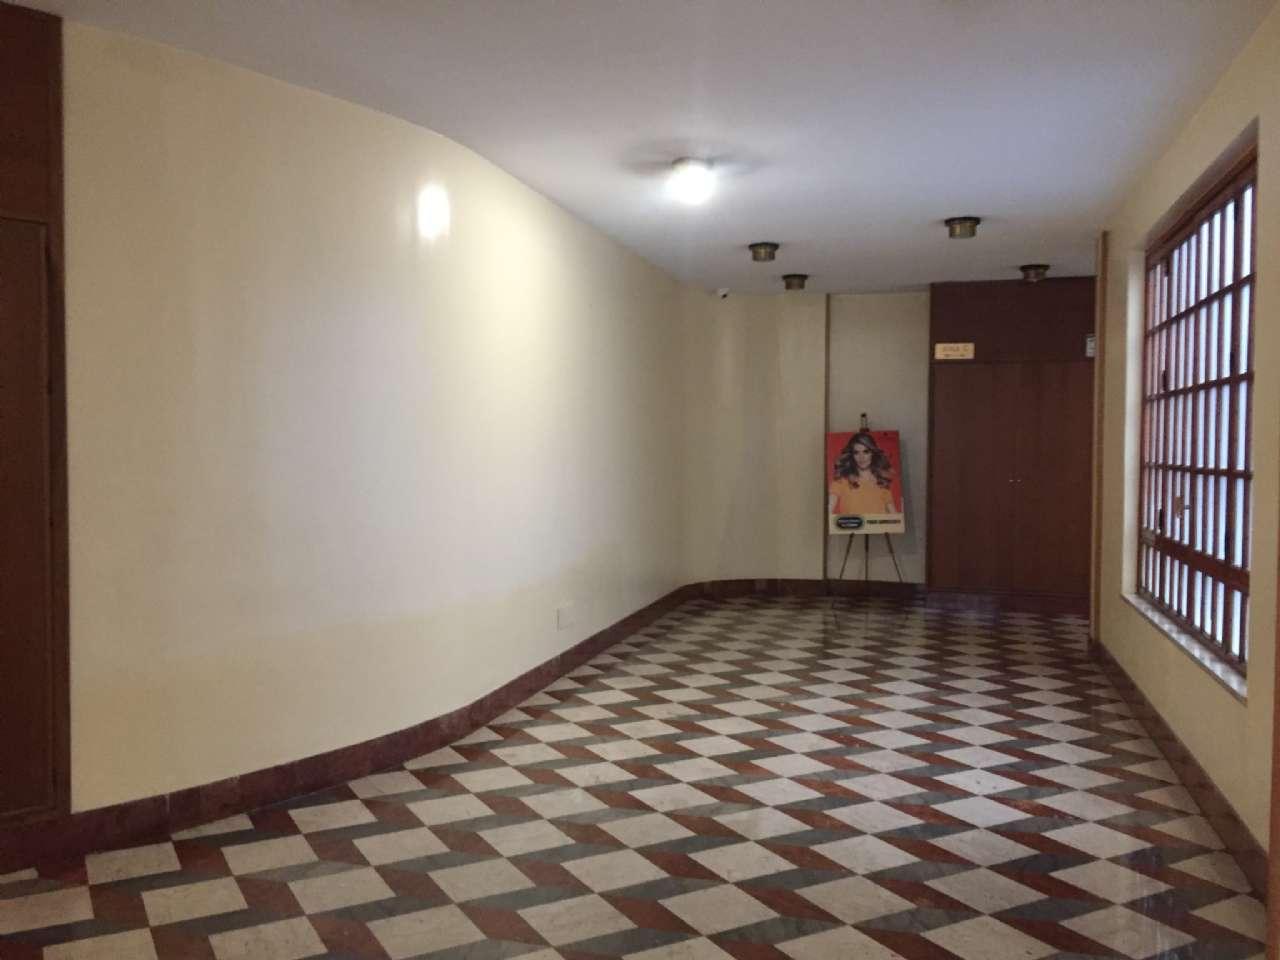 Quadrilocale, Via Ercole Bernabei, zona Malaspina, Palermo, foto 14